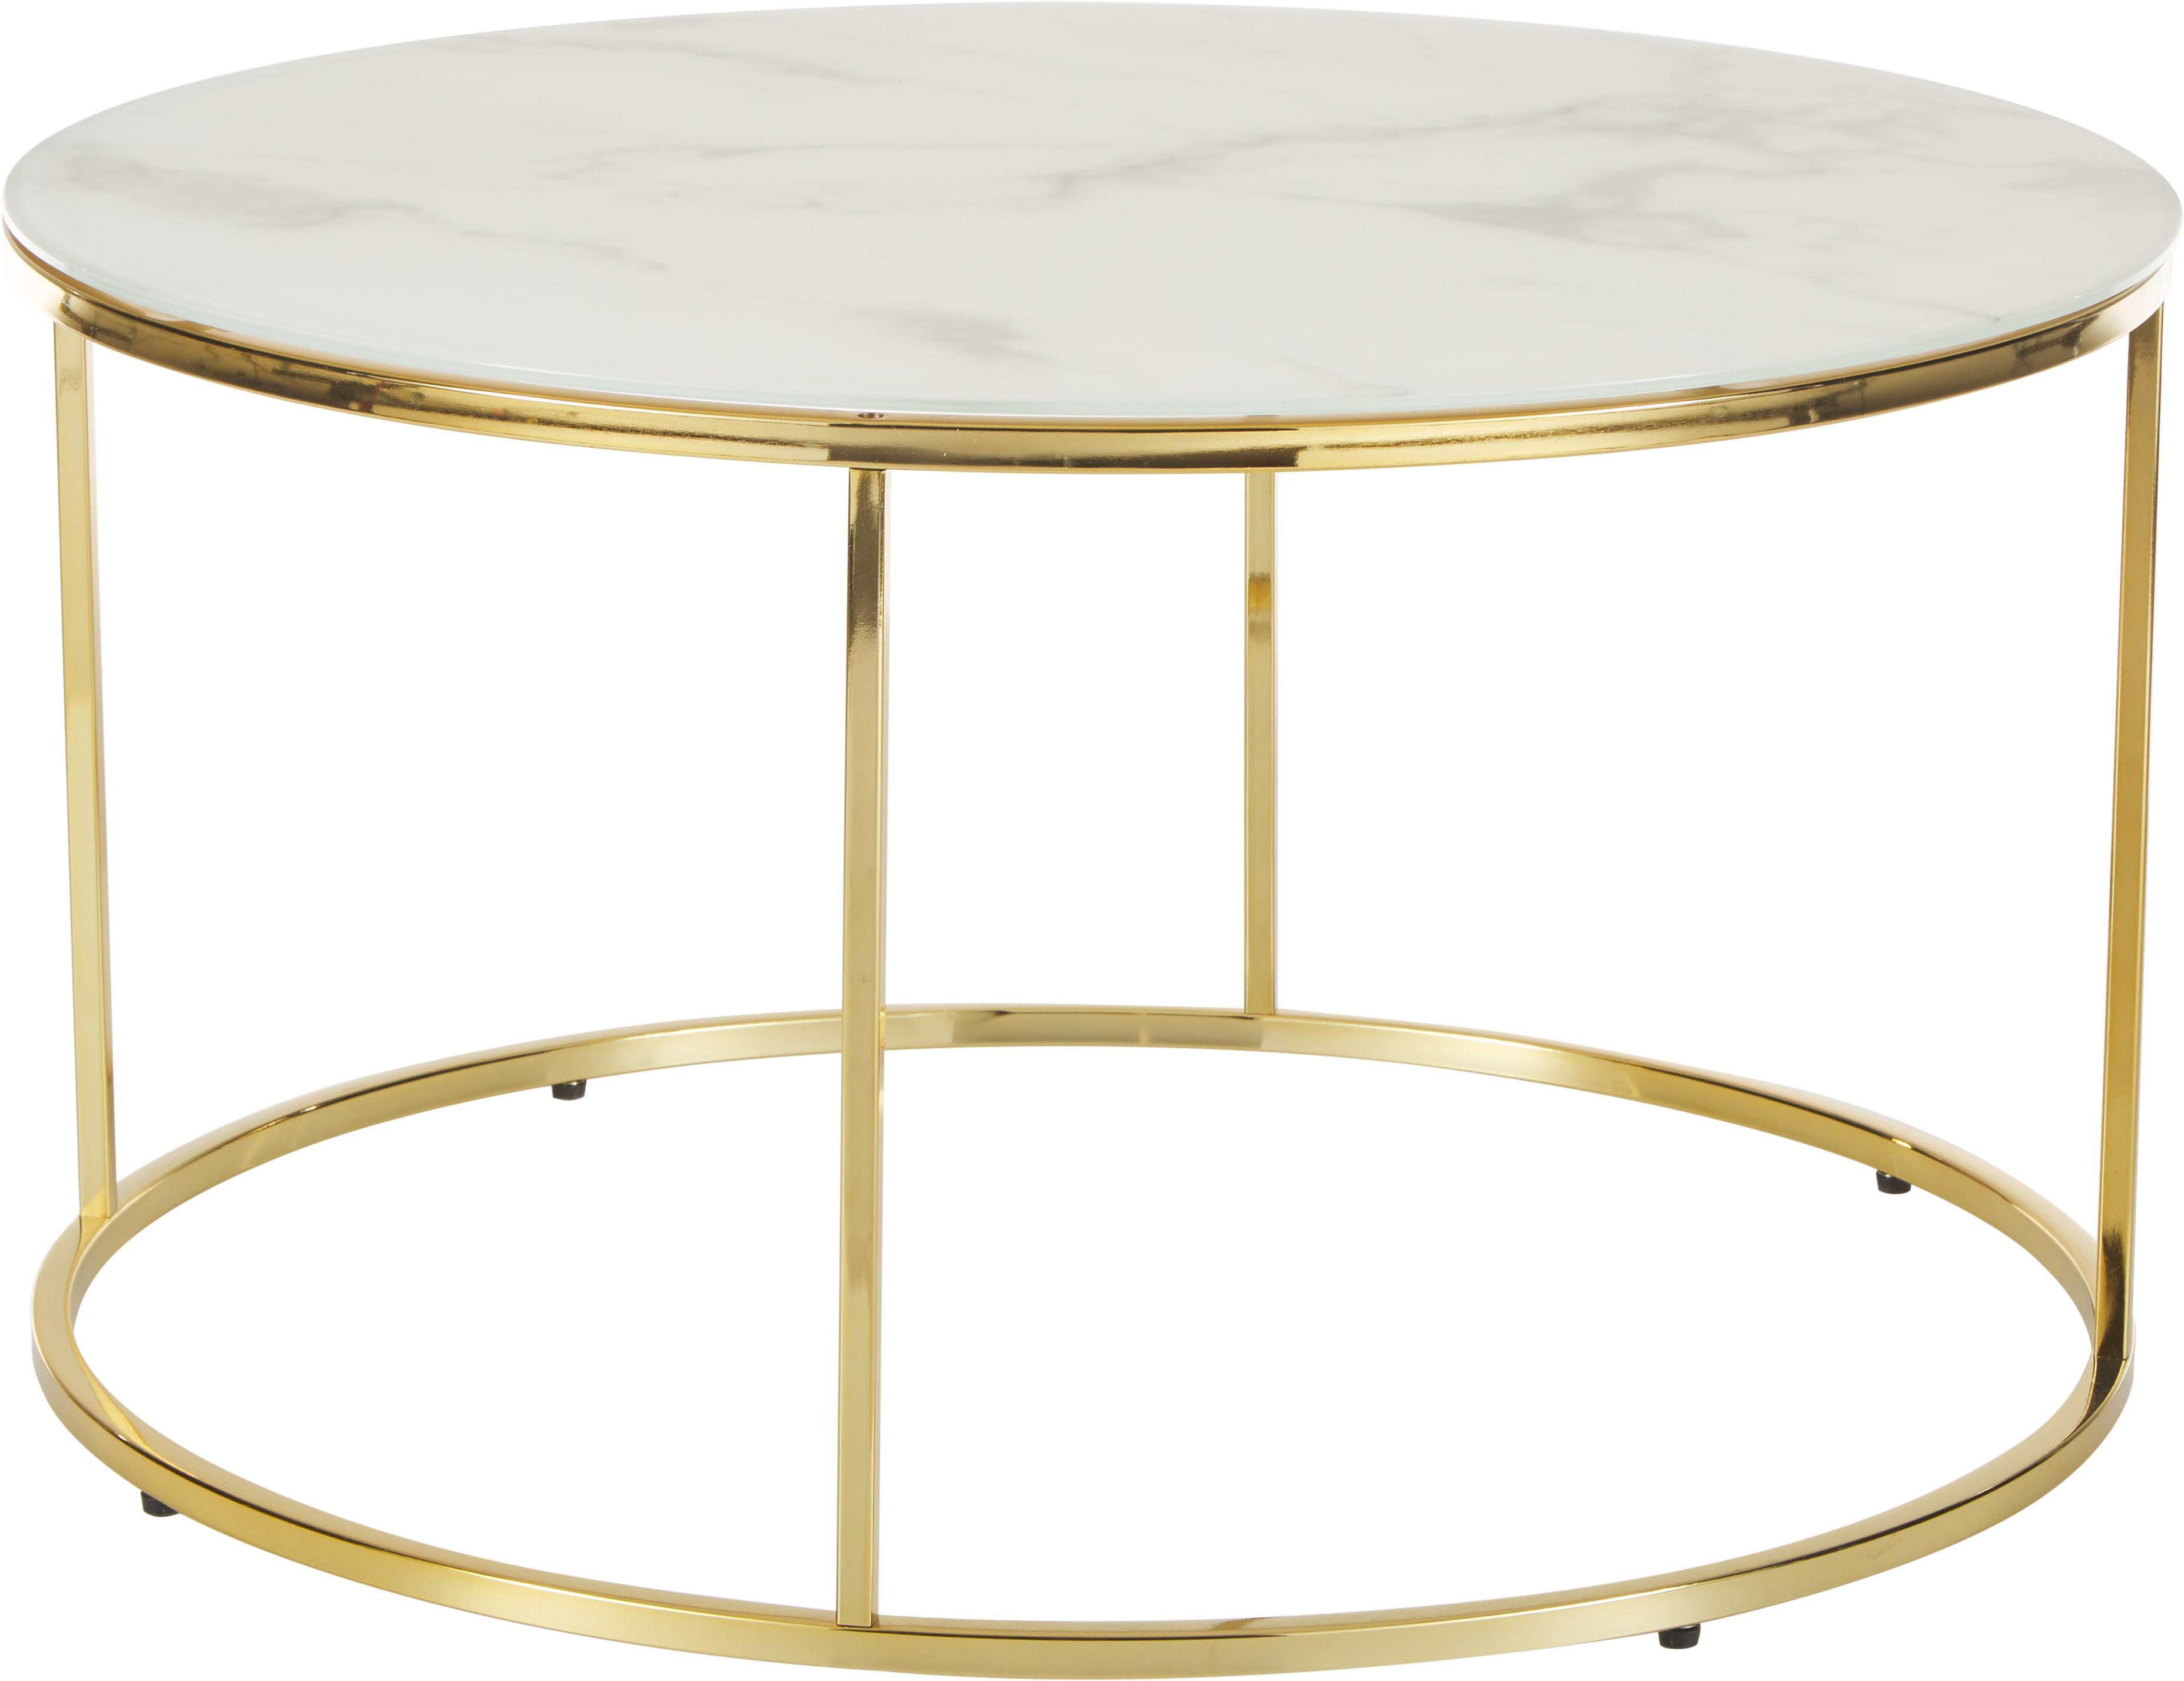 Mesa de centro Antigua, tablero de cristal en aspecto mármol, Tablero: vidrio estampado con aspe, Estructura: acero, latón, Blanco grisaceo veteado, dorado, Ø 80 x Al 45 cm